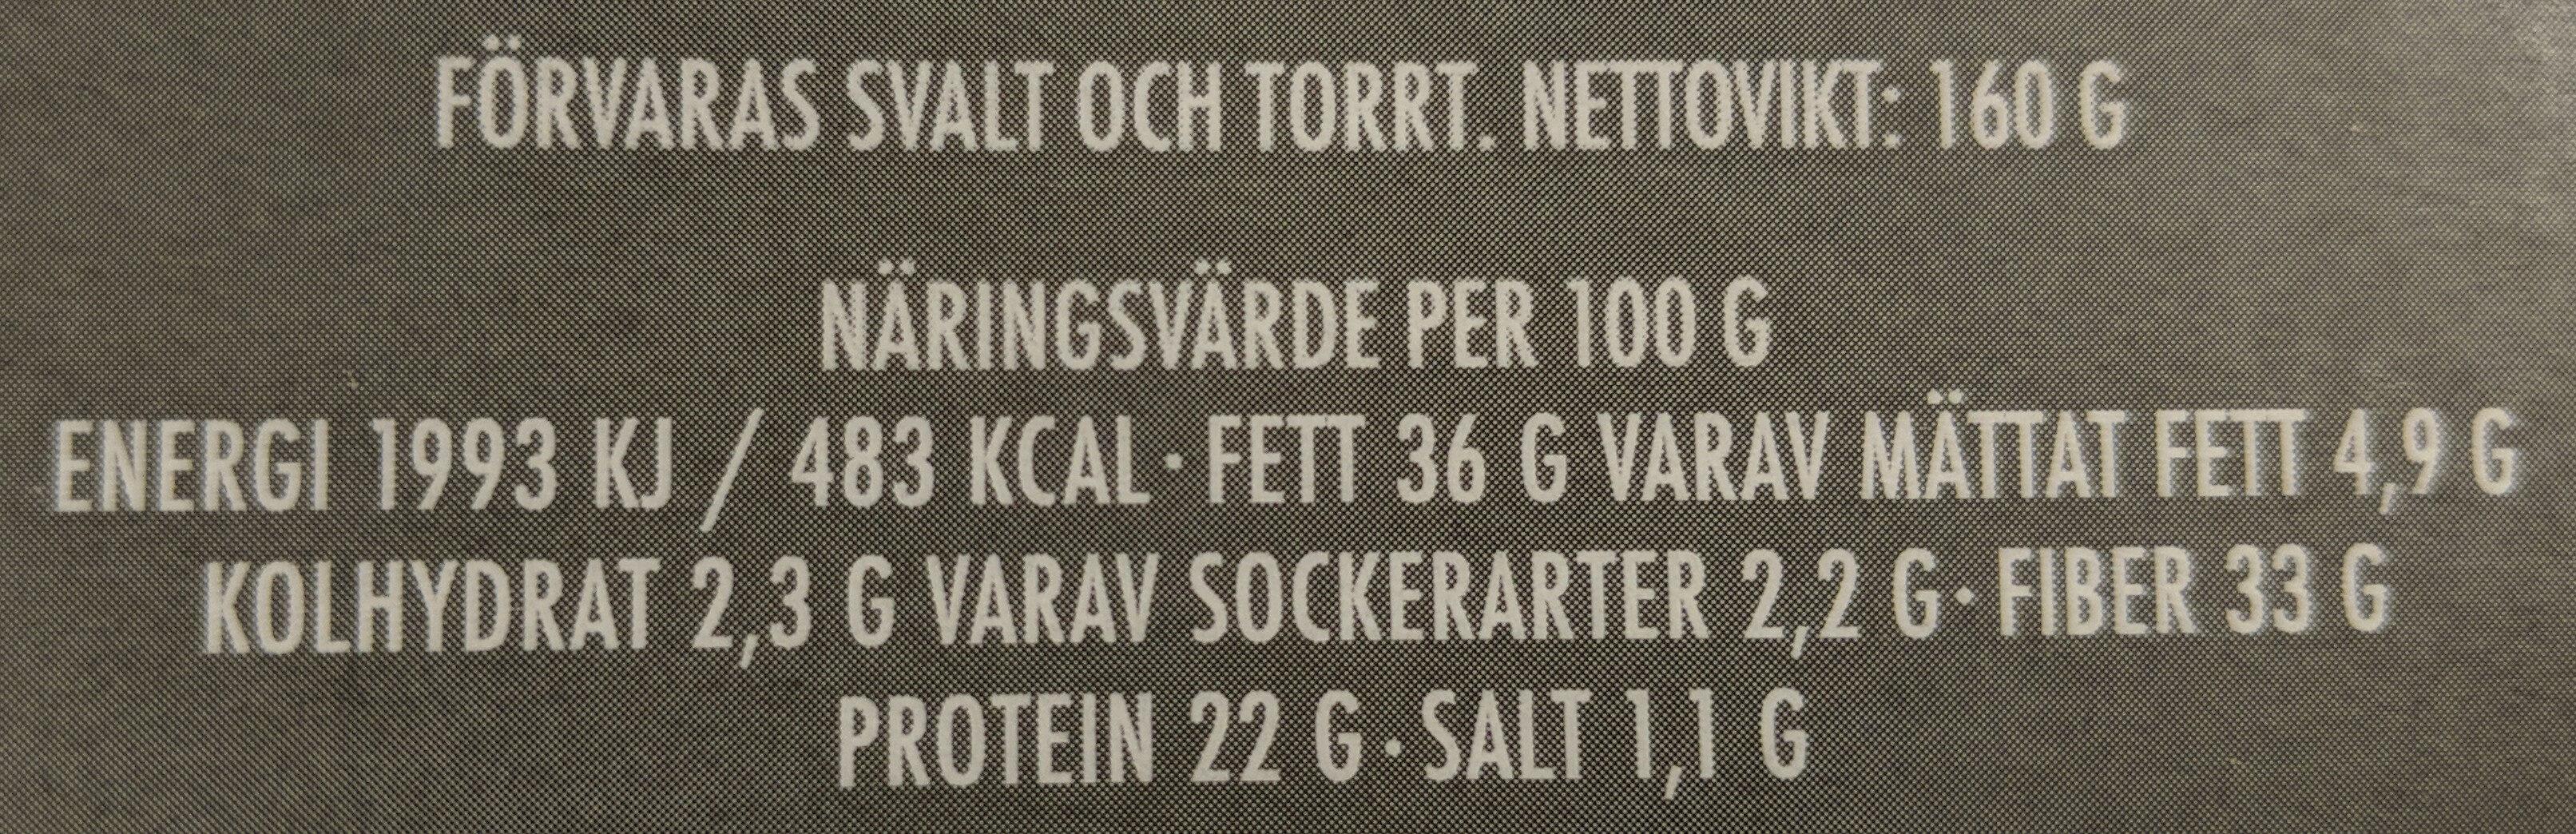 Ekologiskt Chia Knäckebröd - Nutrition facts - sv